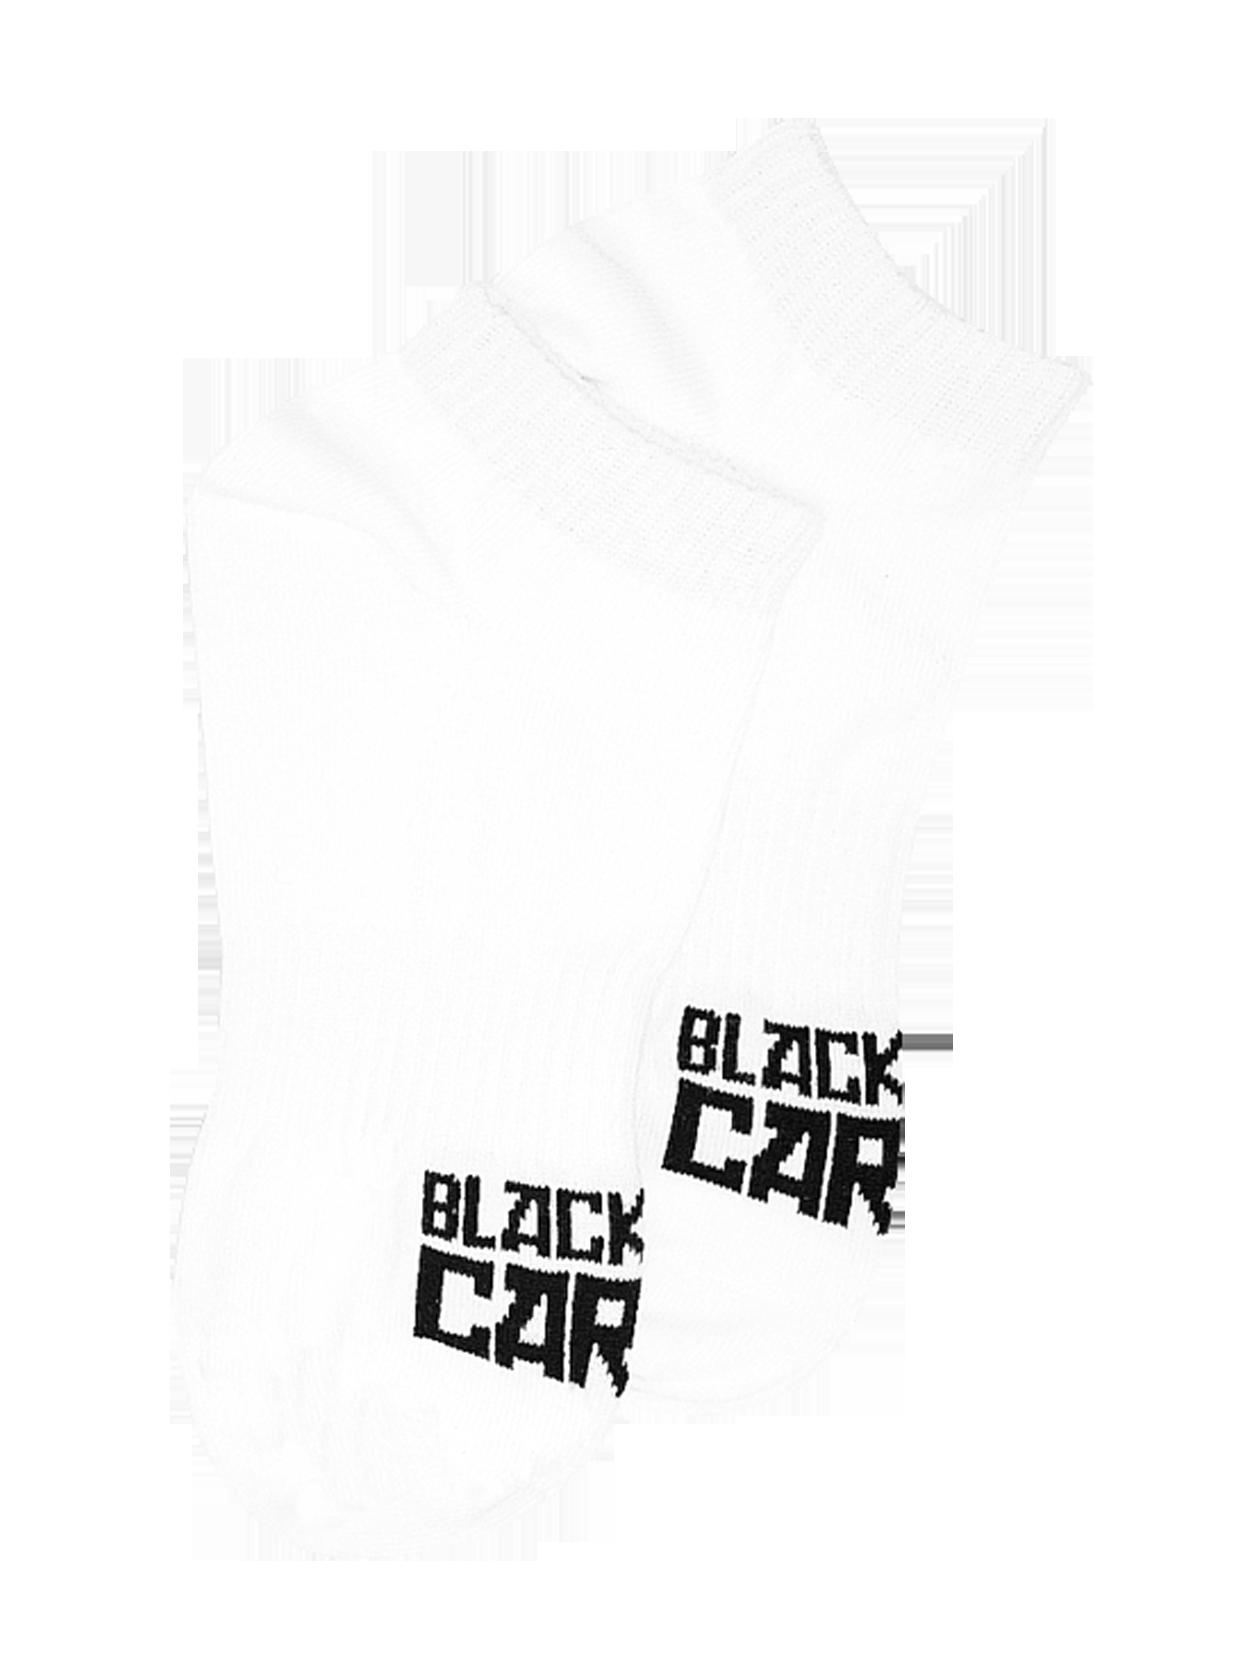 Носки унисекс CartelНоски унисекс из коллекции Black Star Wear. Однотонная модель с контрастной надписью Black Star Cartel на тыльной стороне стопы и заниженным верхом, облегающим щиколотку. Изделие из хлопка с добавлением эластичных волокон для лучшей и более плотной посадки по ноге. Прекрасно подходят для повседневной носки и занятий спортом.<br><br>Размер: 39/40<br>Цвет: Белый<br>Пол: Унисекс